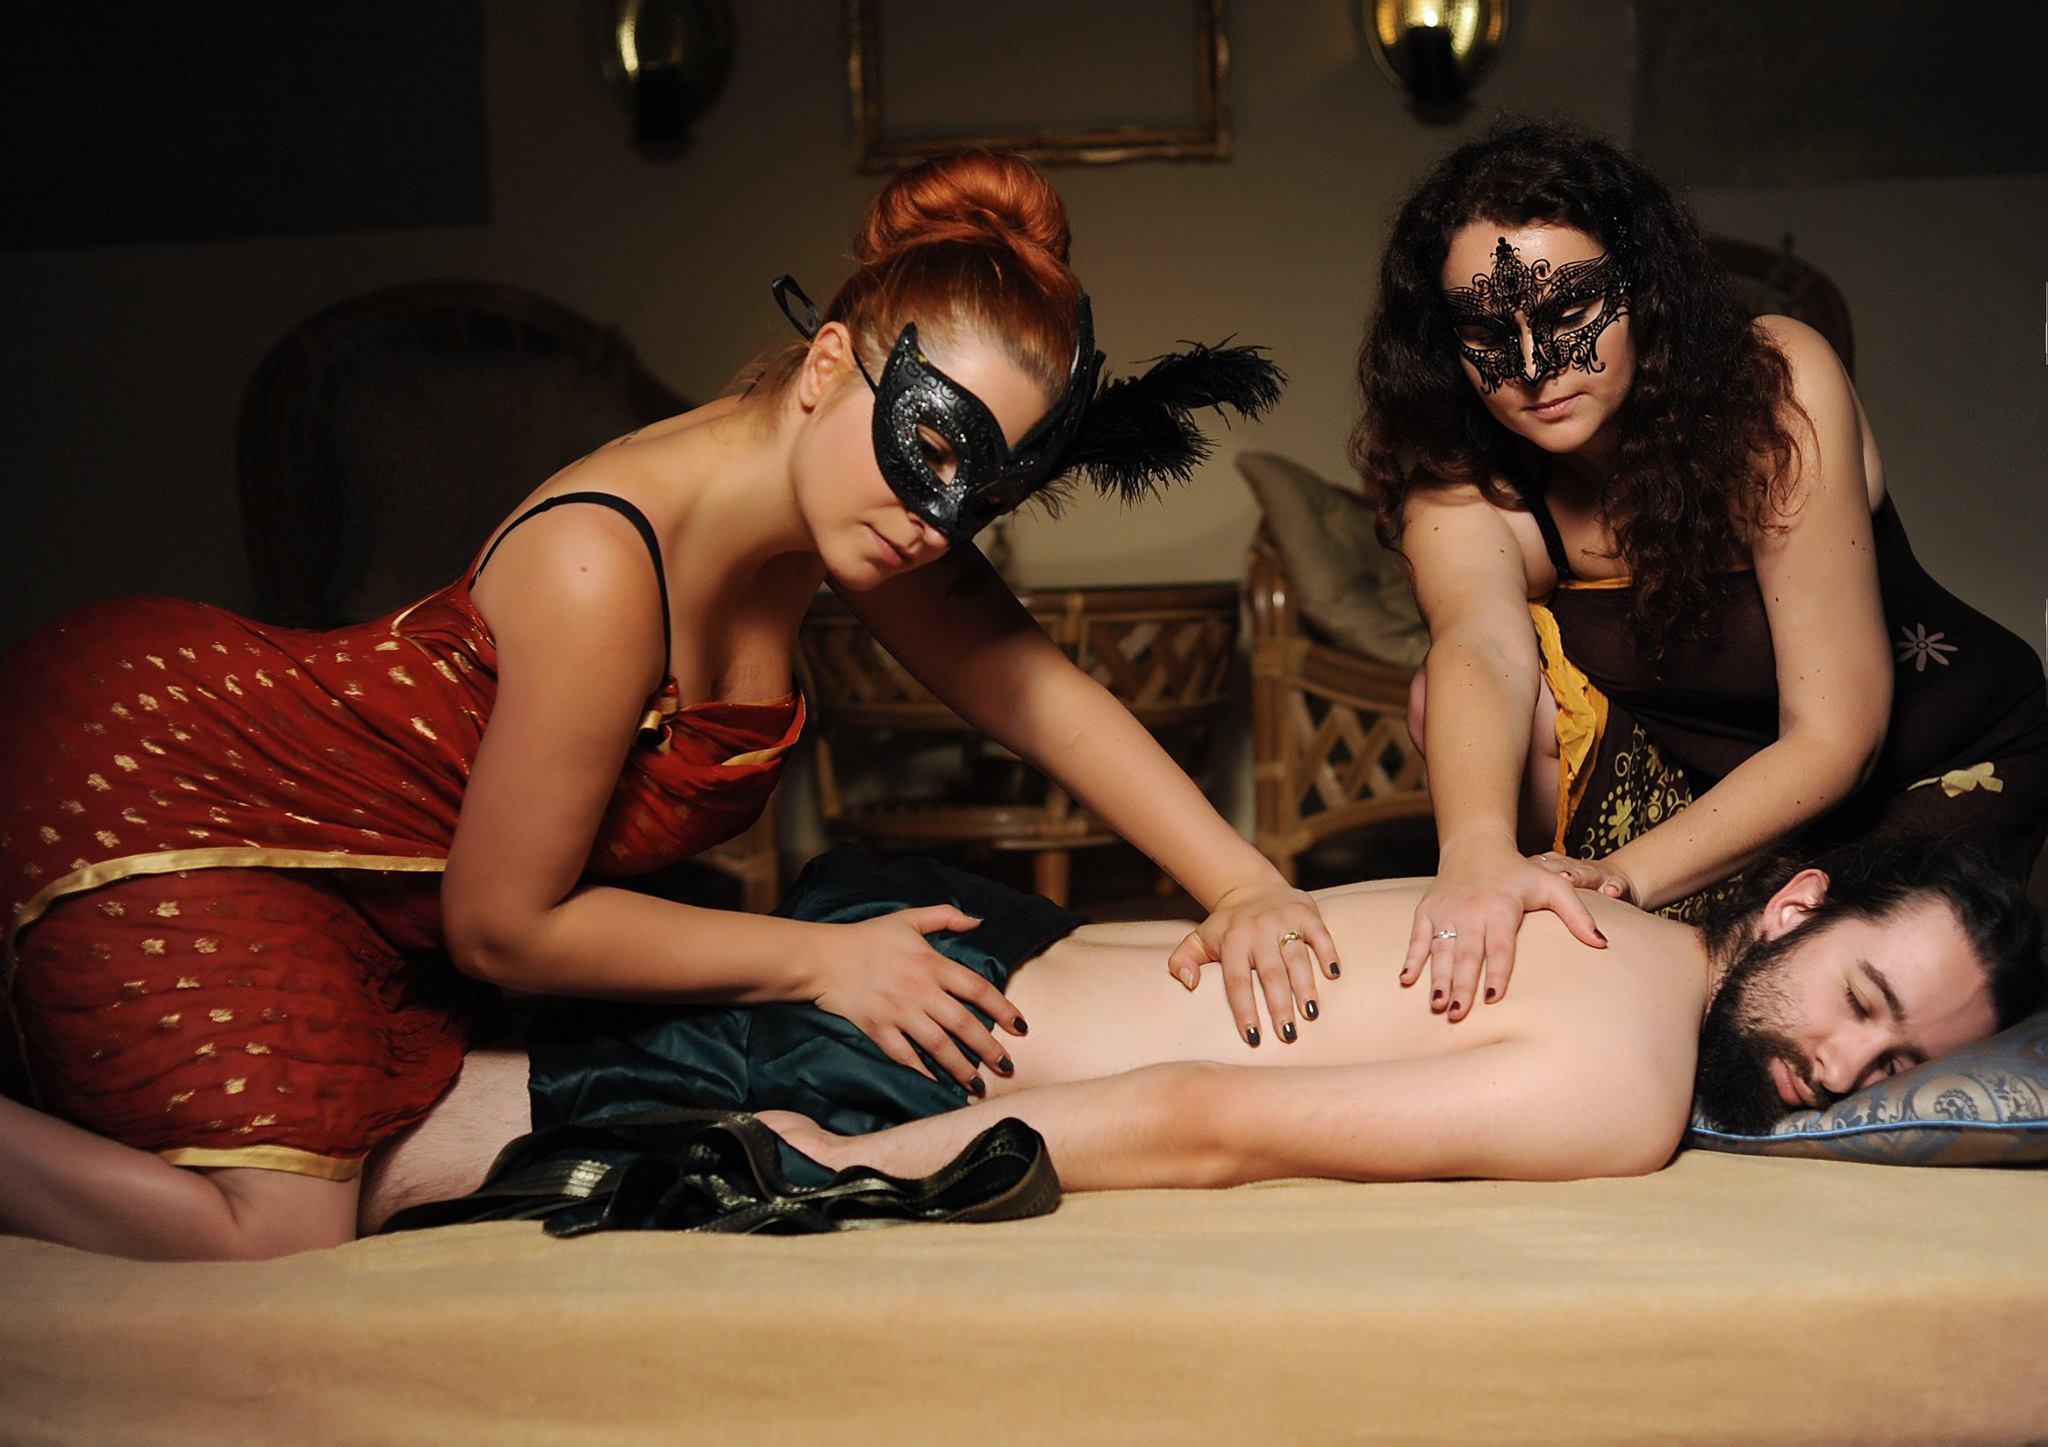 tantra braunschweig erotik hotel frankfurt